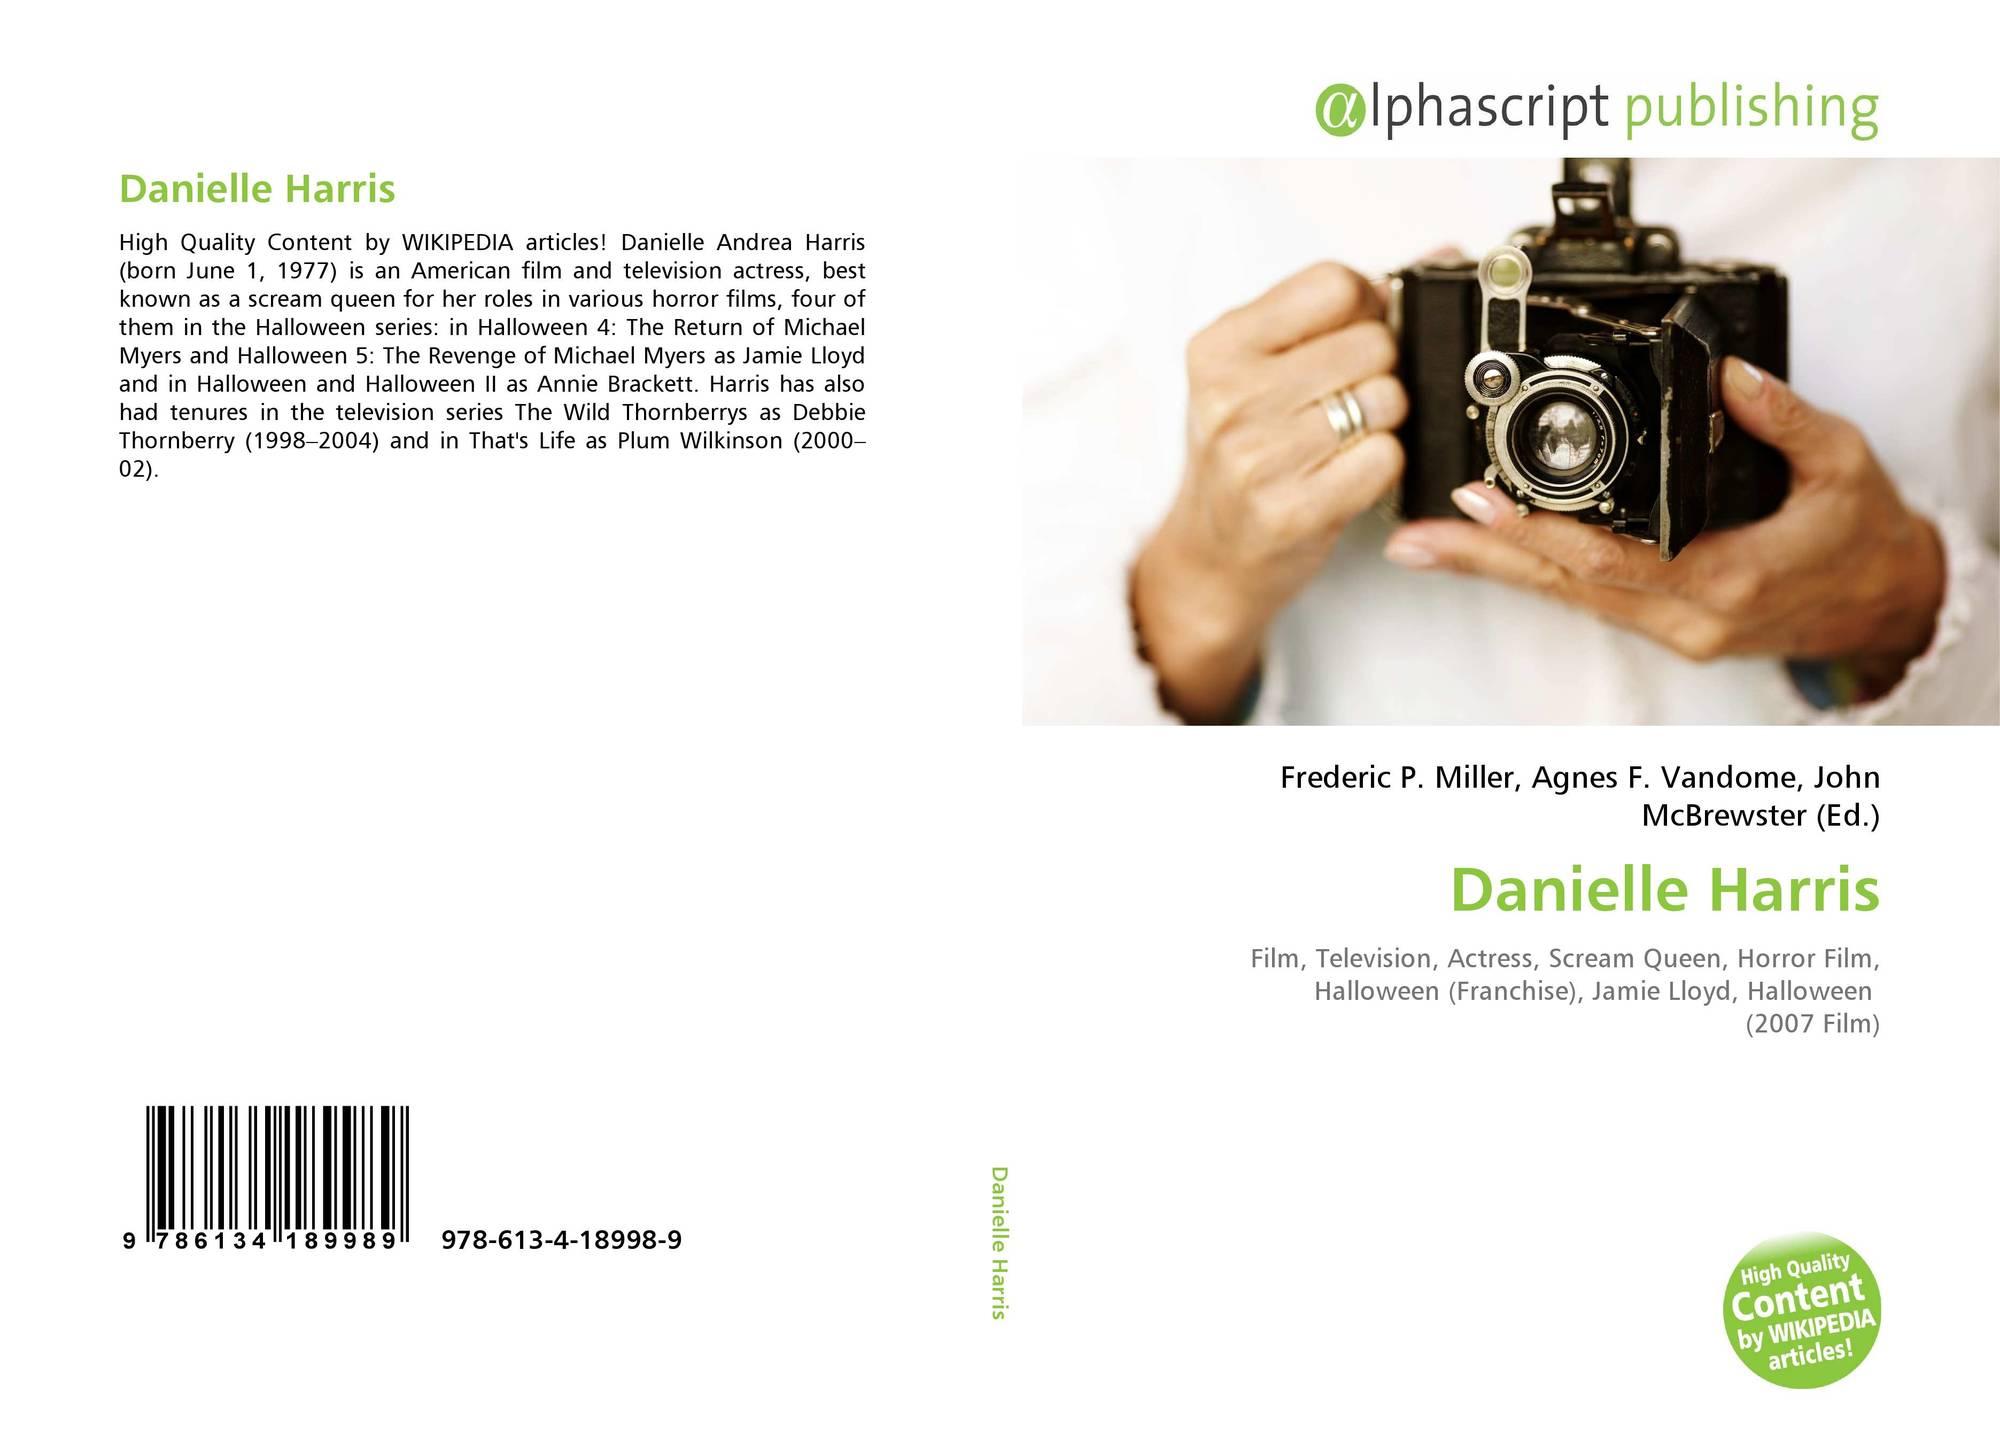 danielle harris, 978-613-4-18998-9, 6134189987 ,9786134189989